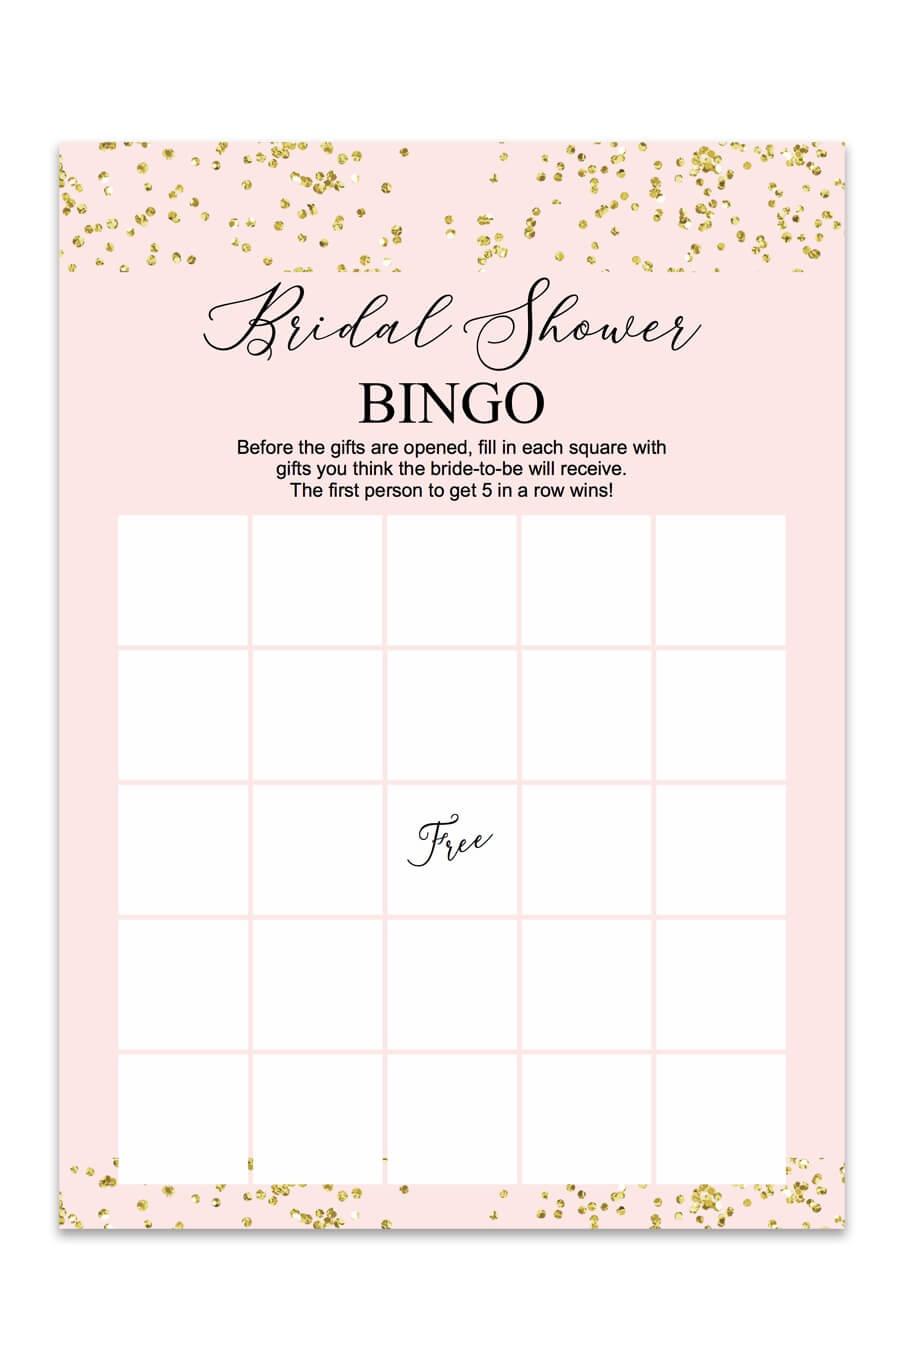 Blush And Confetti Bridal Shower Bingo - Chicfetti - Free Printable Bridal Shower Bingo